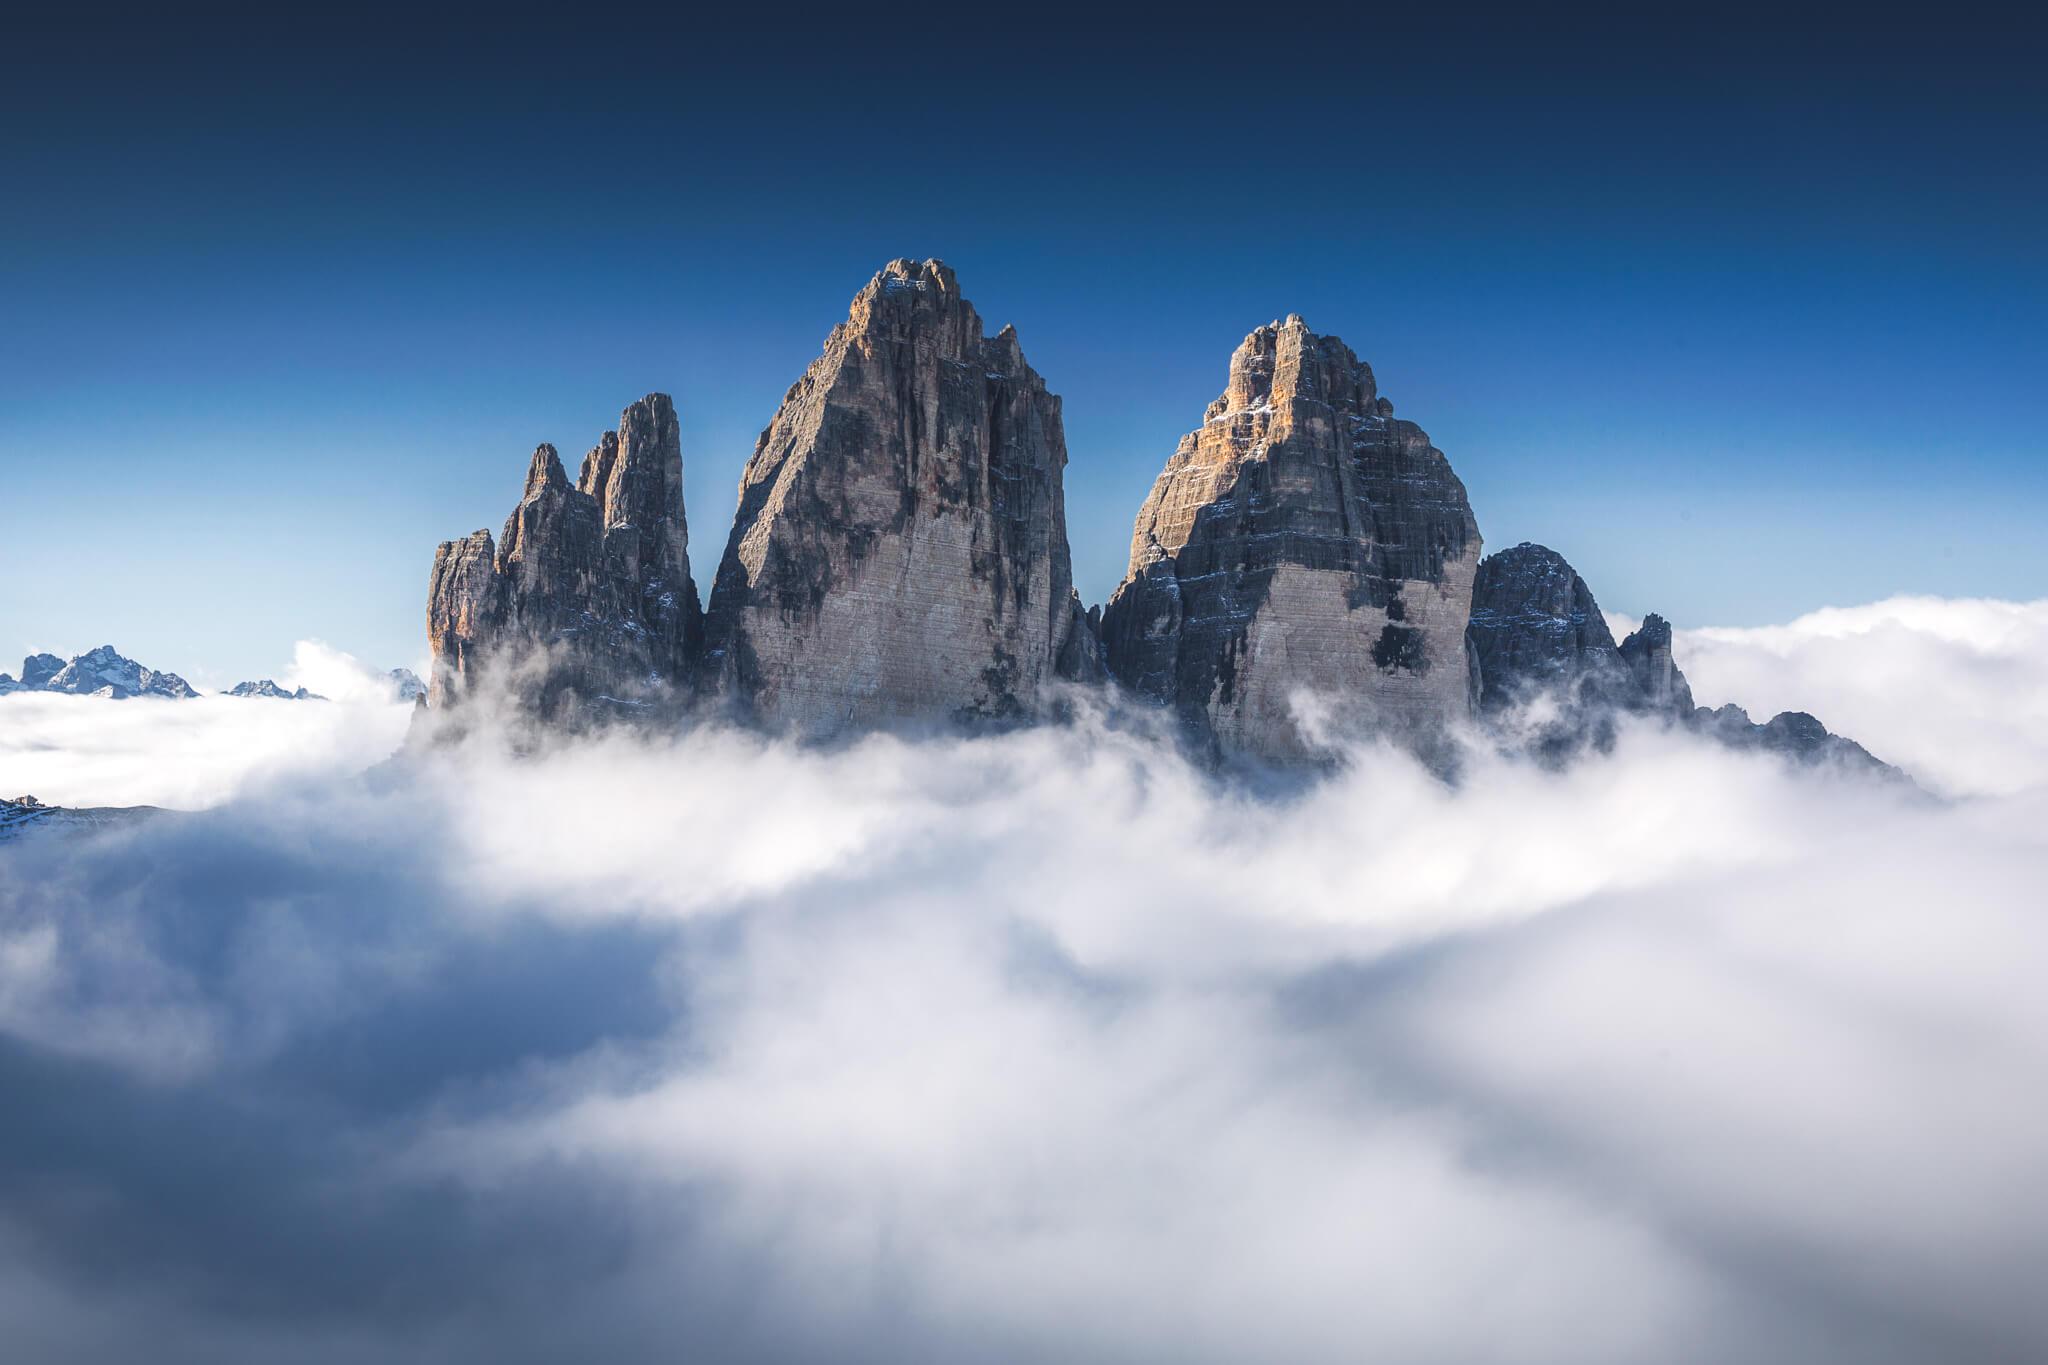 Fog around Tre Cime di Lavaredo